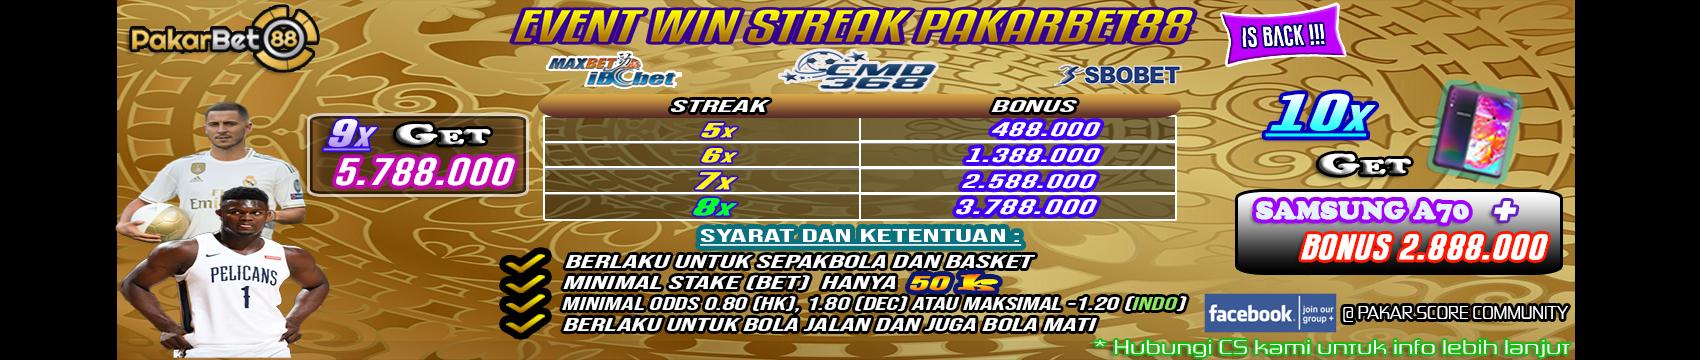 Banner-Event-Win-Streak-NEW-stake-50k-desktop-sept-19